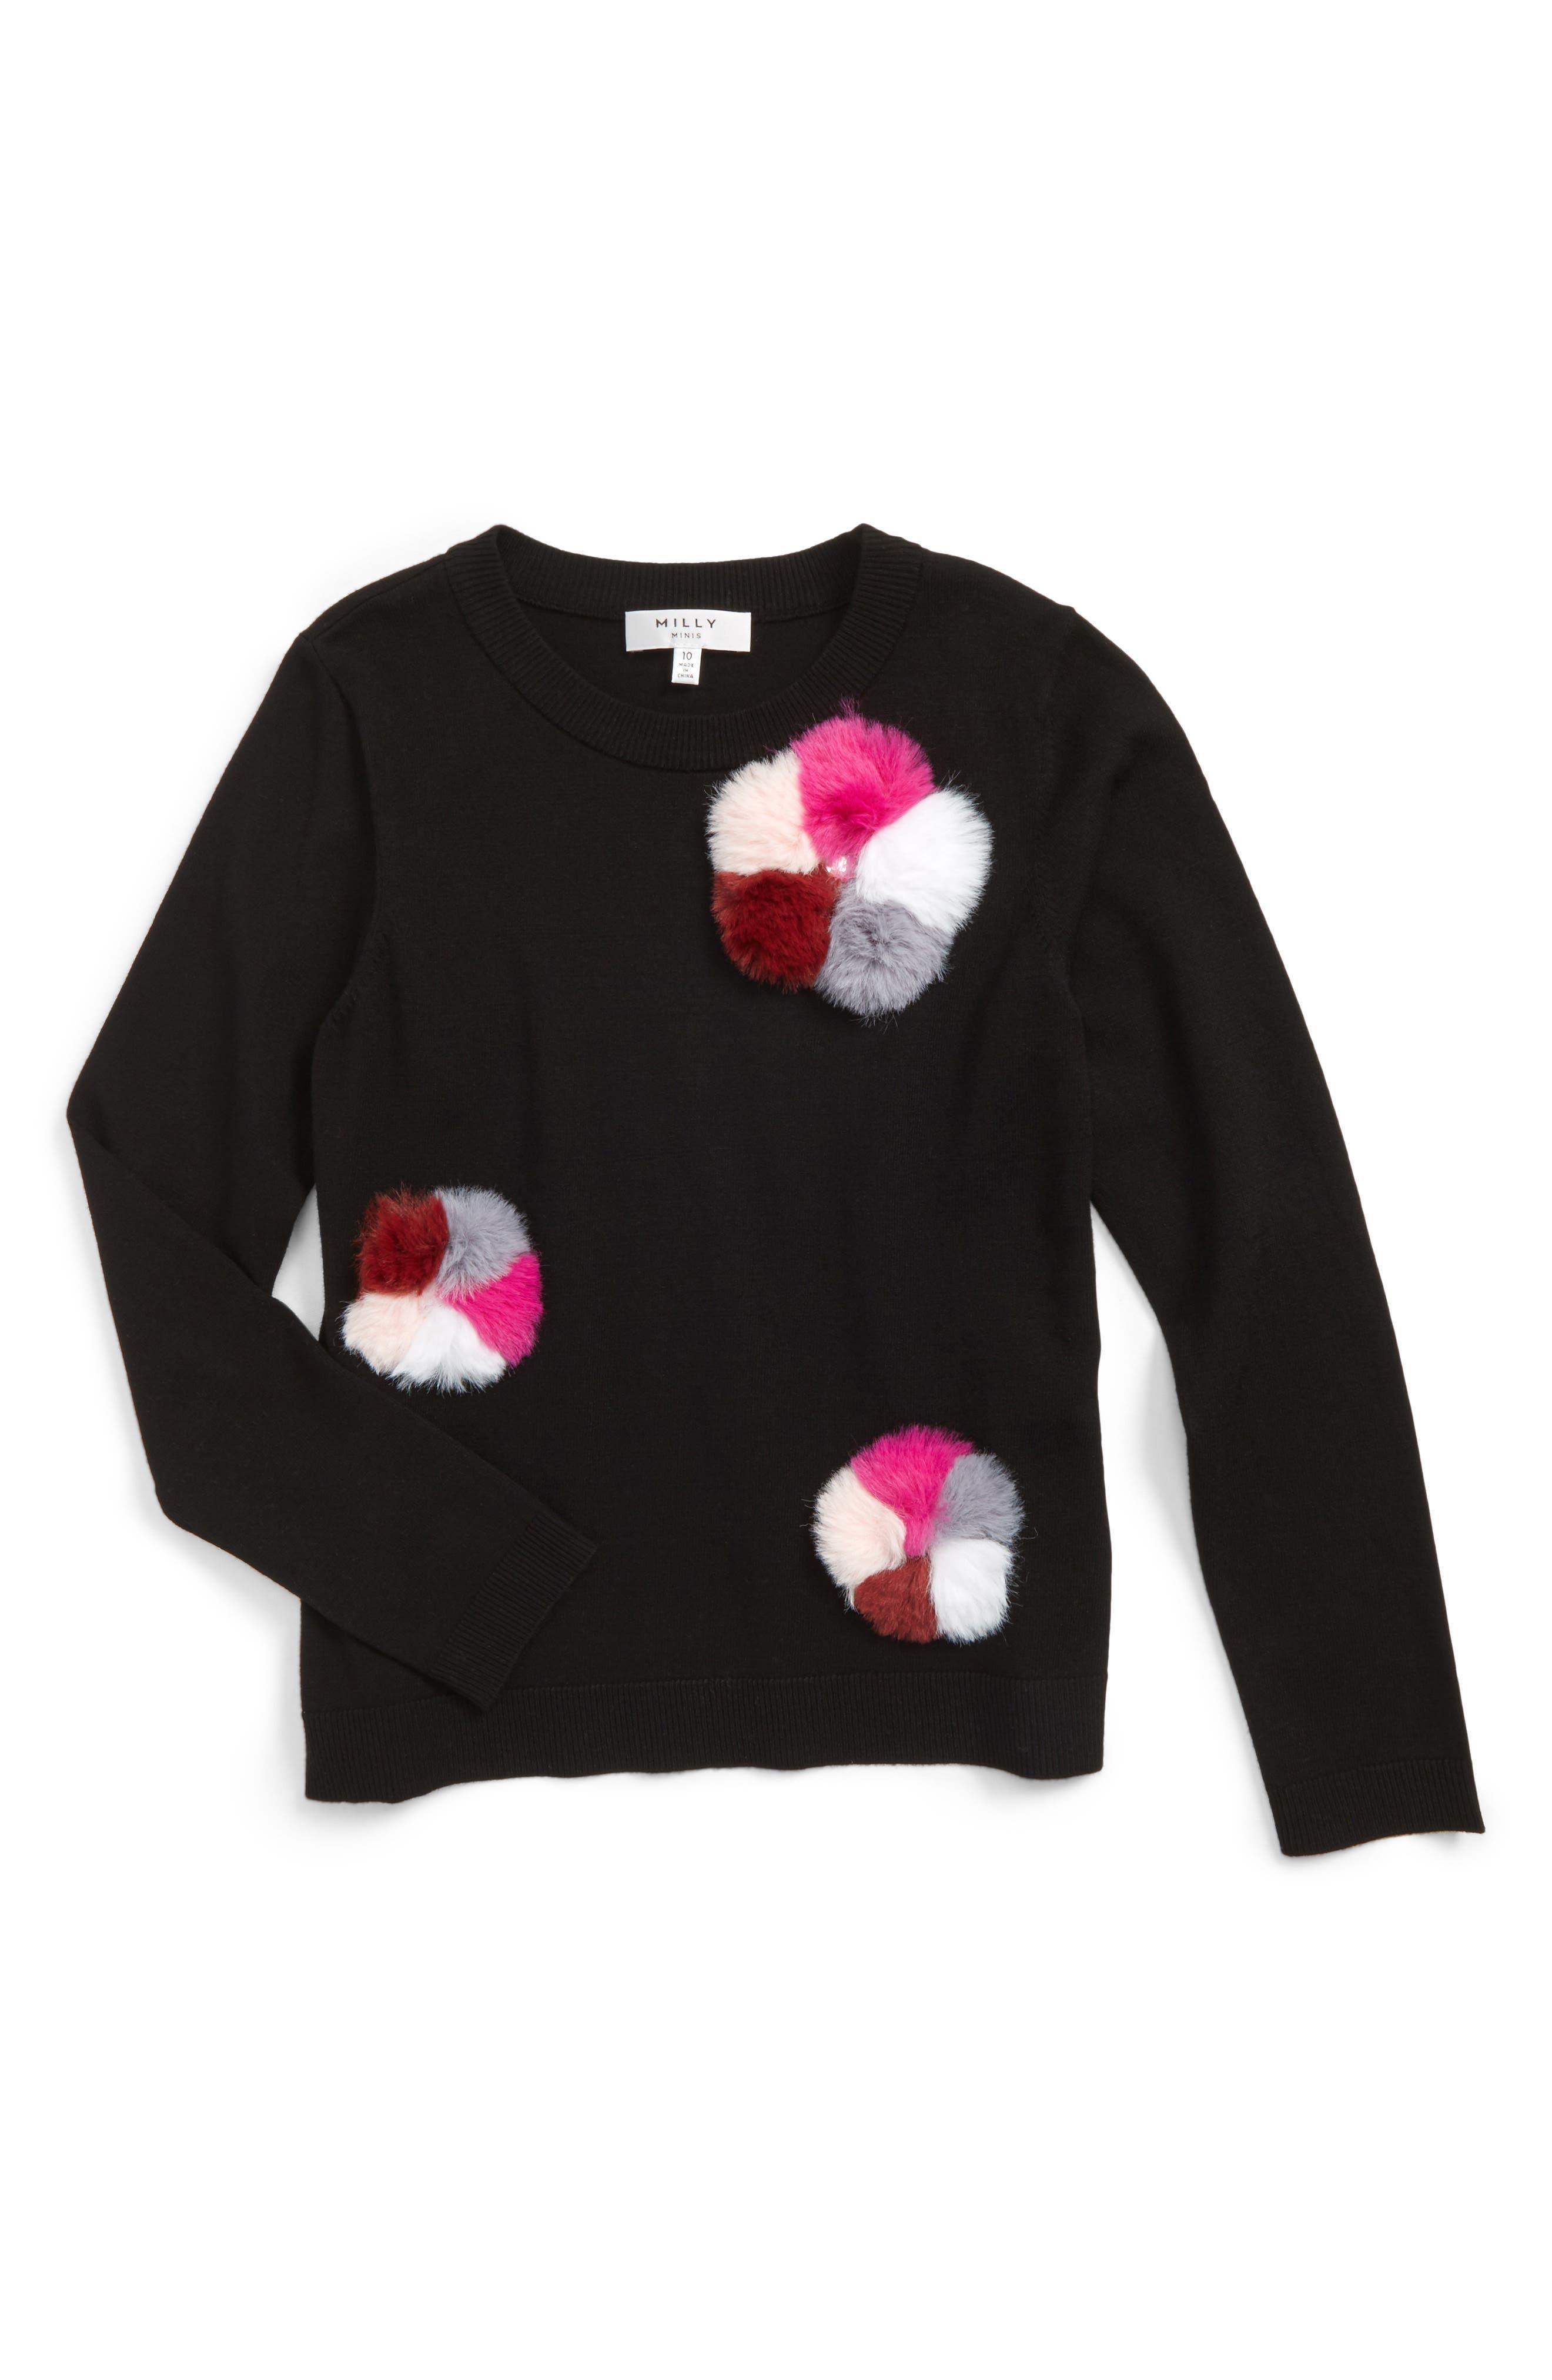 Girls Milly Minis Pompom Embellished Pullover Size 14  Black